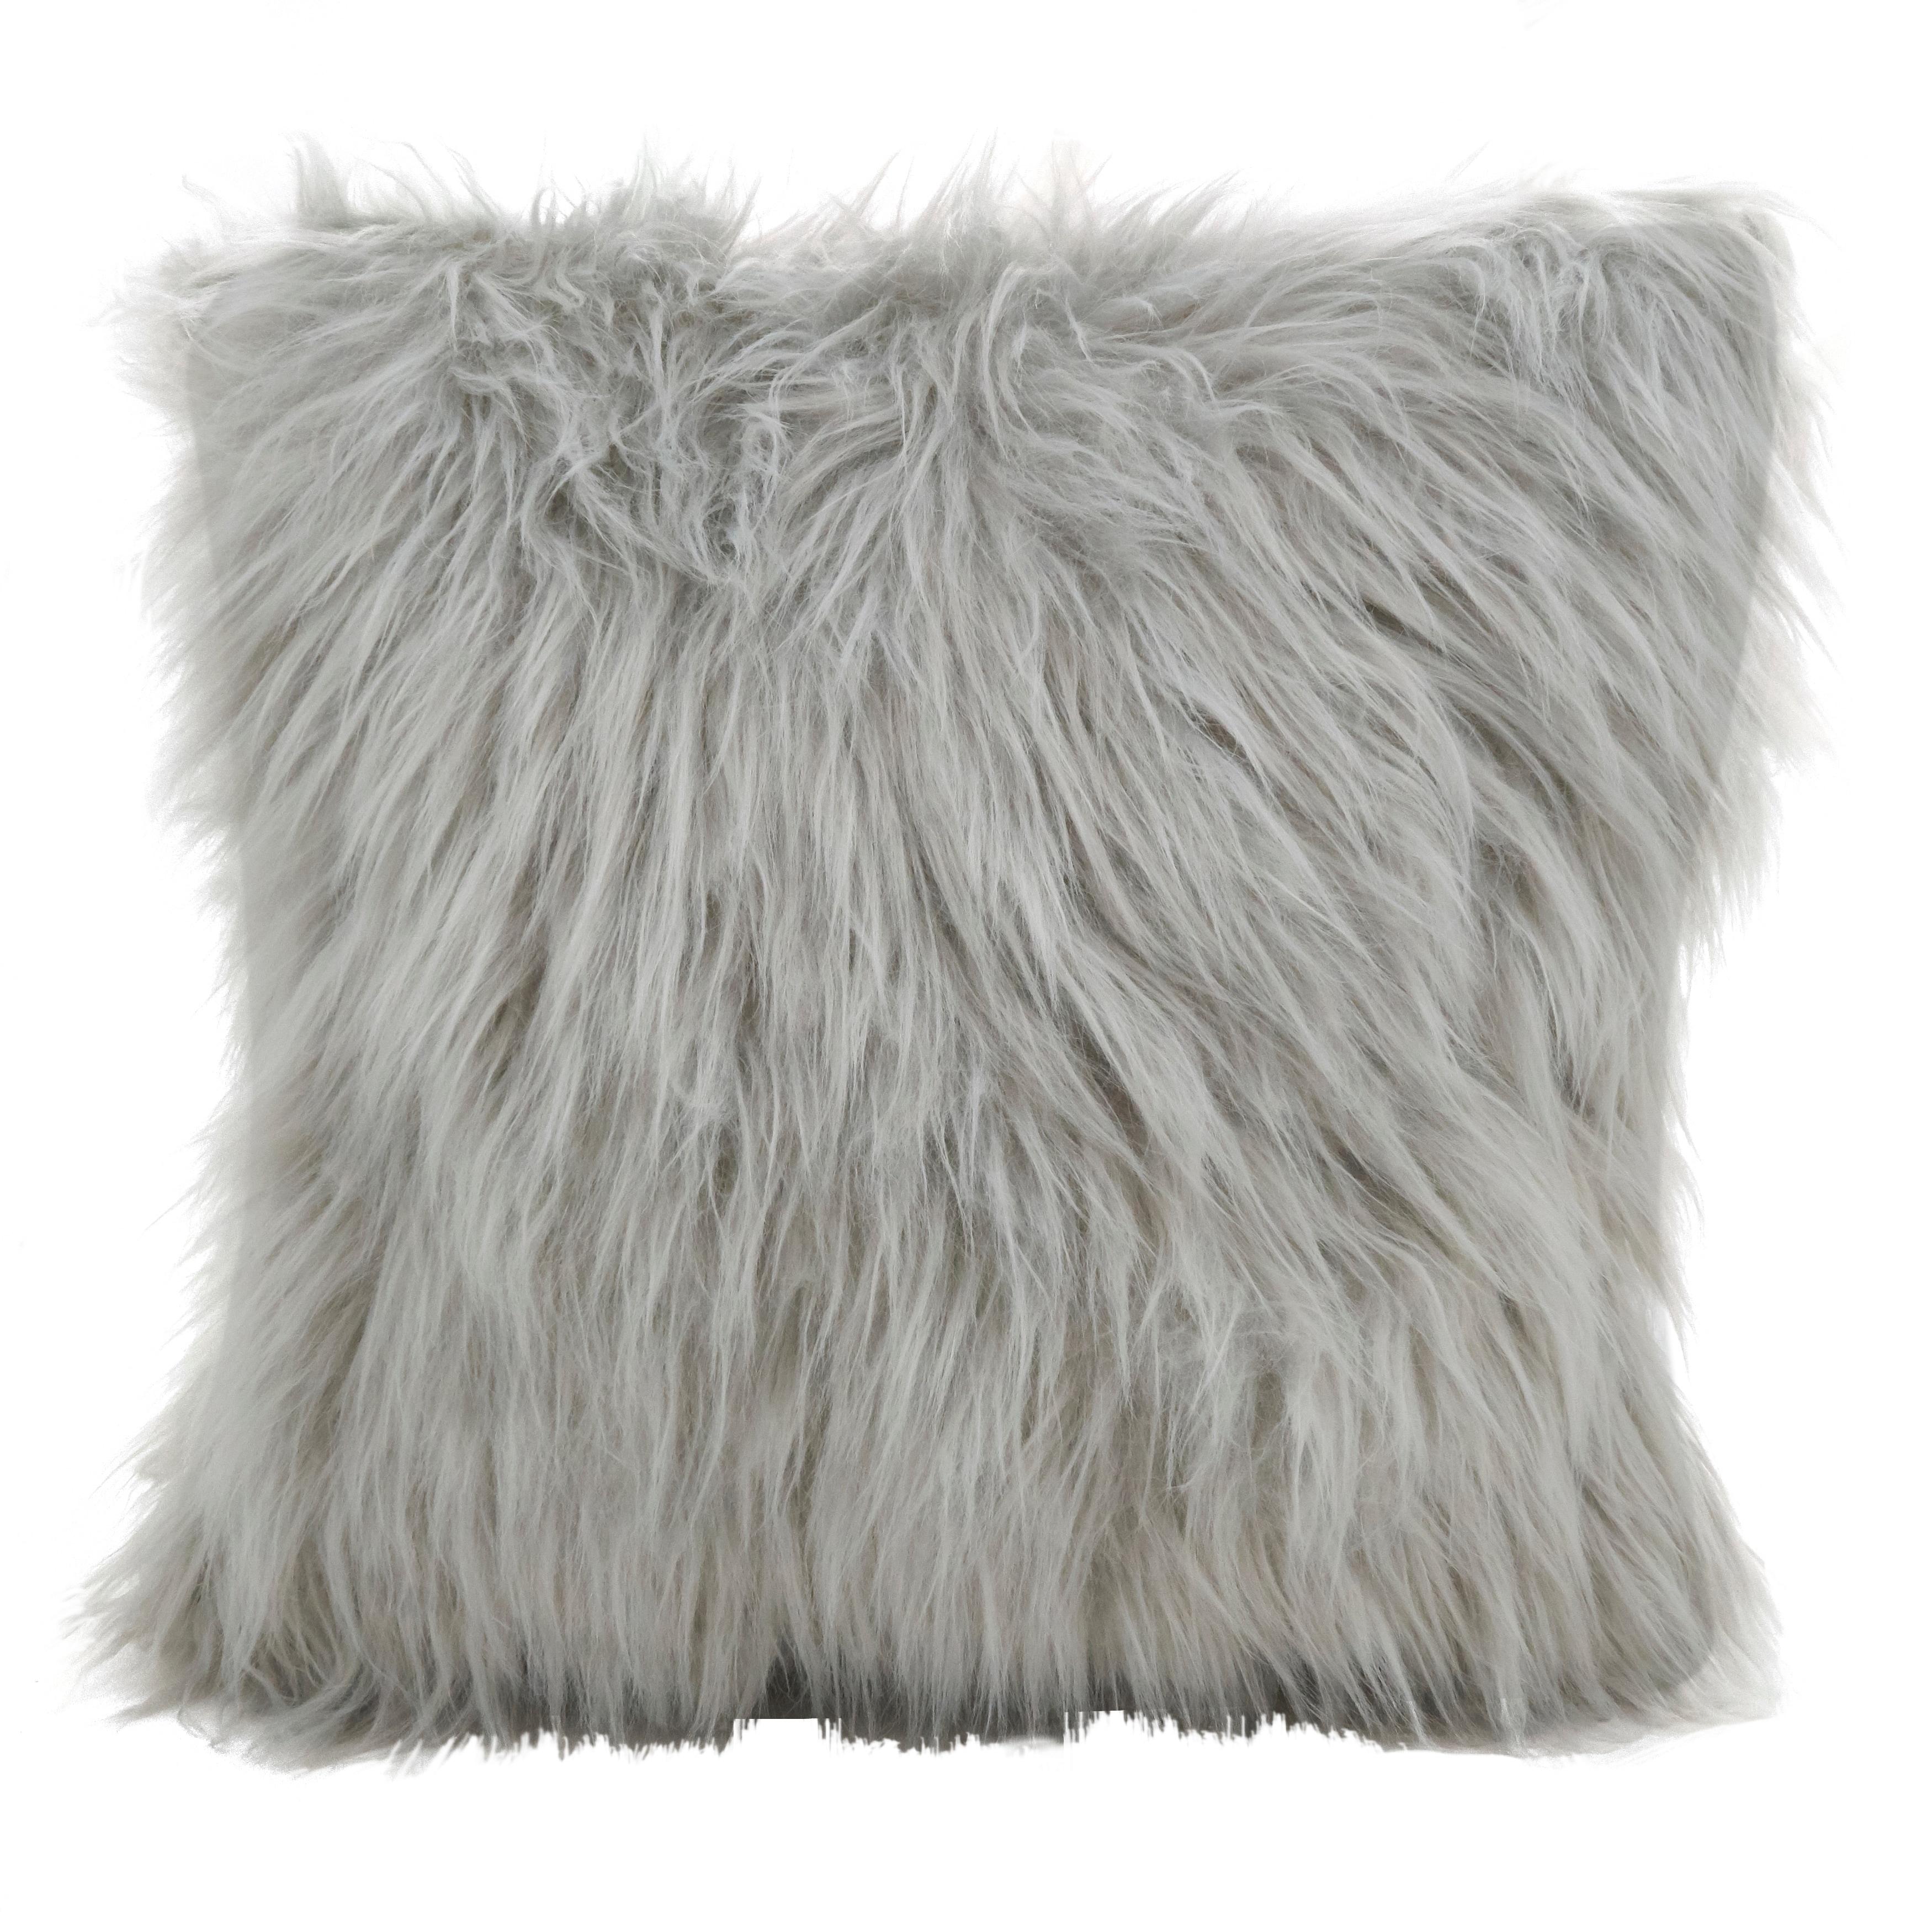 lamb throw cor pillows swanee fur copy pillow d